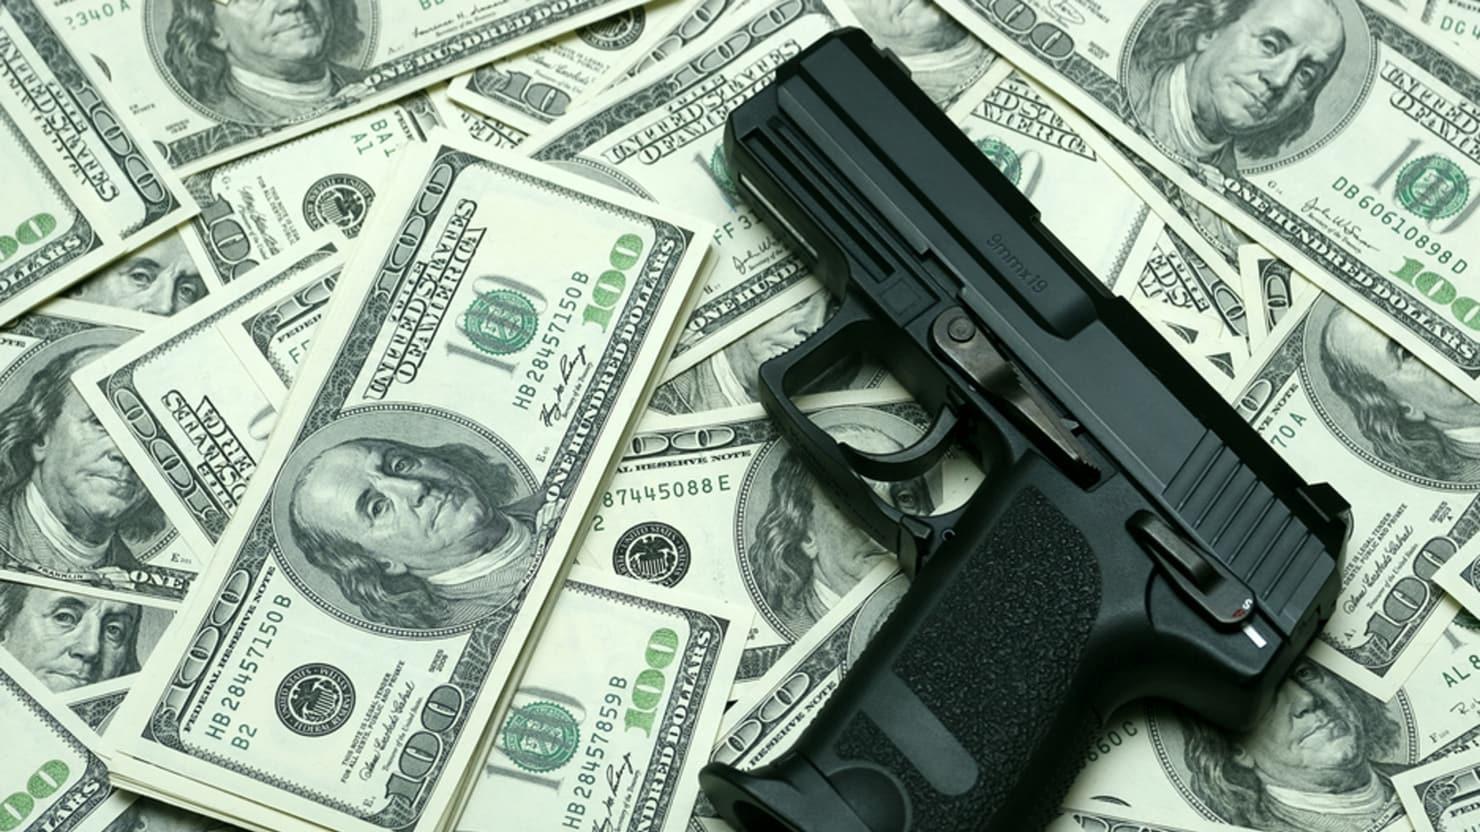 Investors Ask Banks Gun Makers and Gun Retailers to Cut Ties with NRA